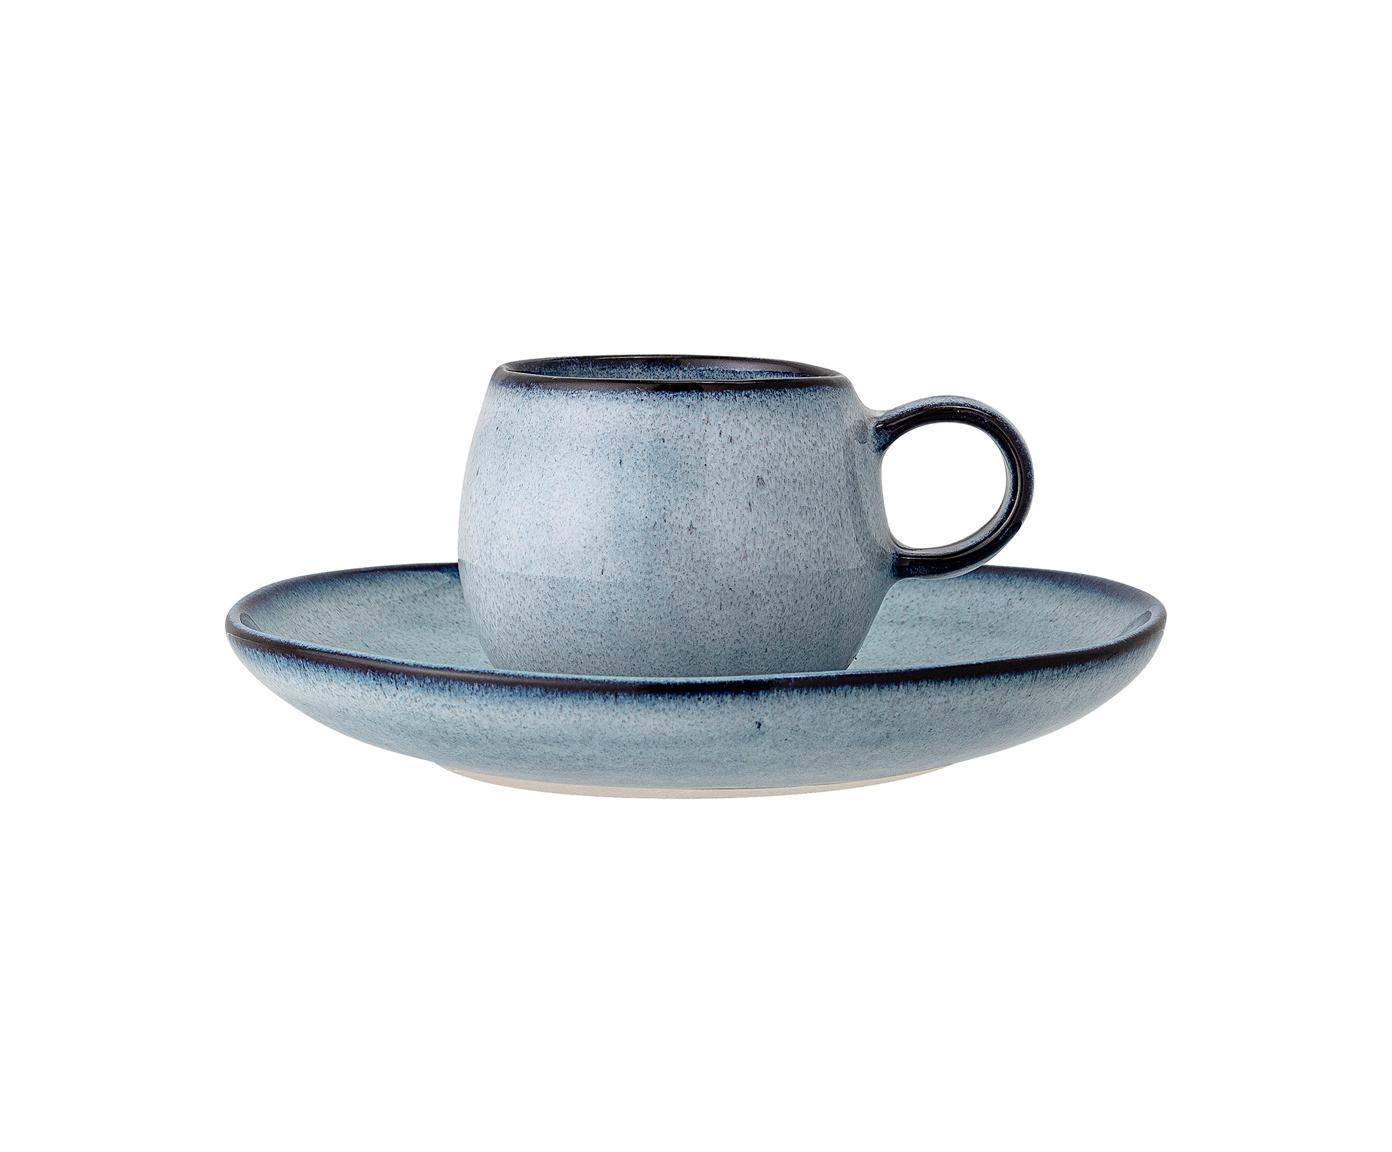 Handgemaakt espressokopje Sandrine met schoteltje, 2-delig, Keramiek, Blauwtinten, Ø 7 x H 6 cm